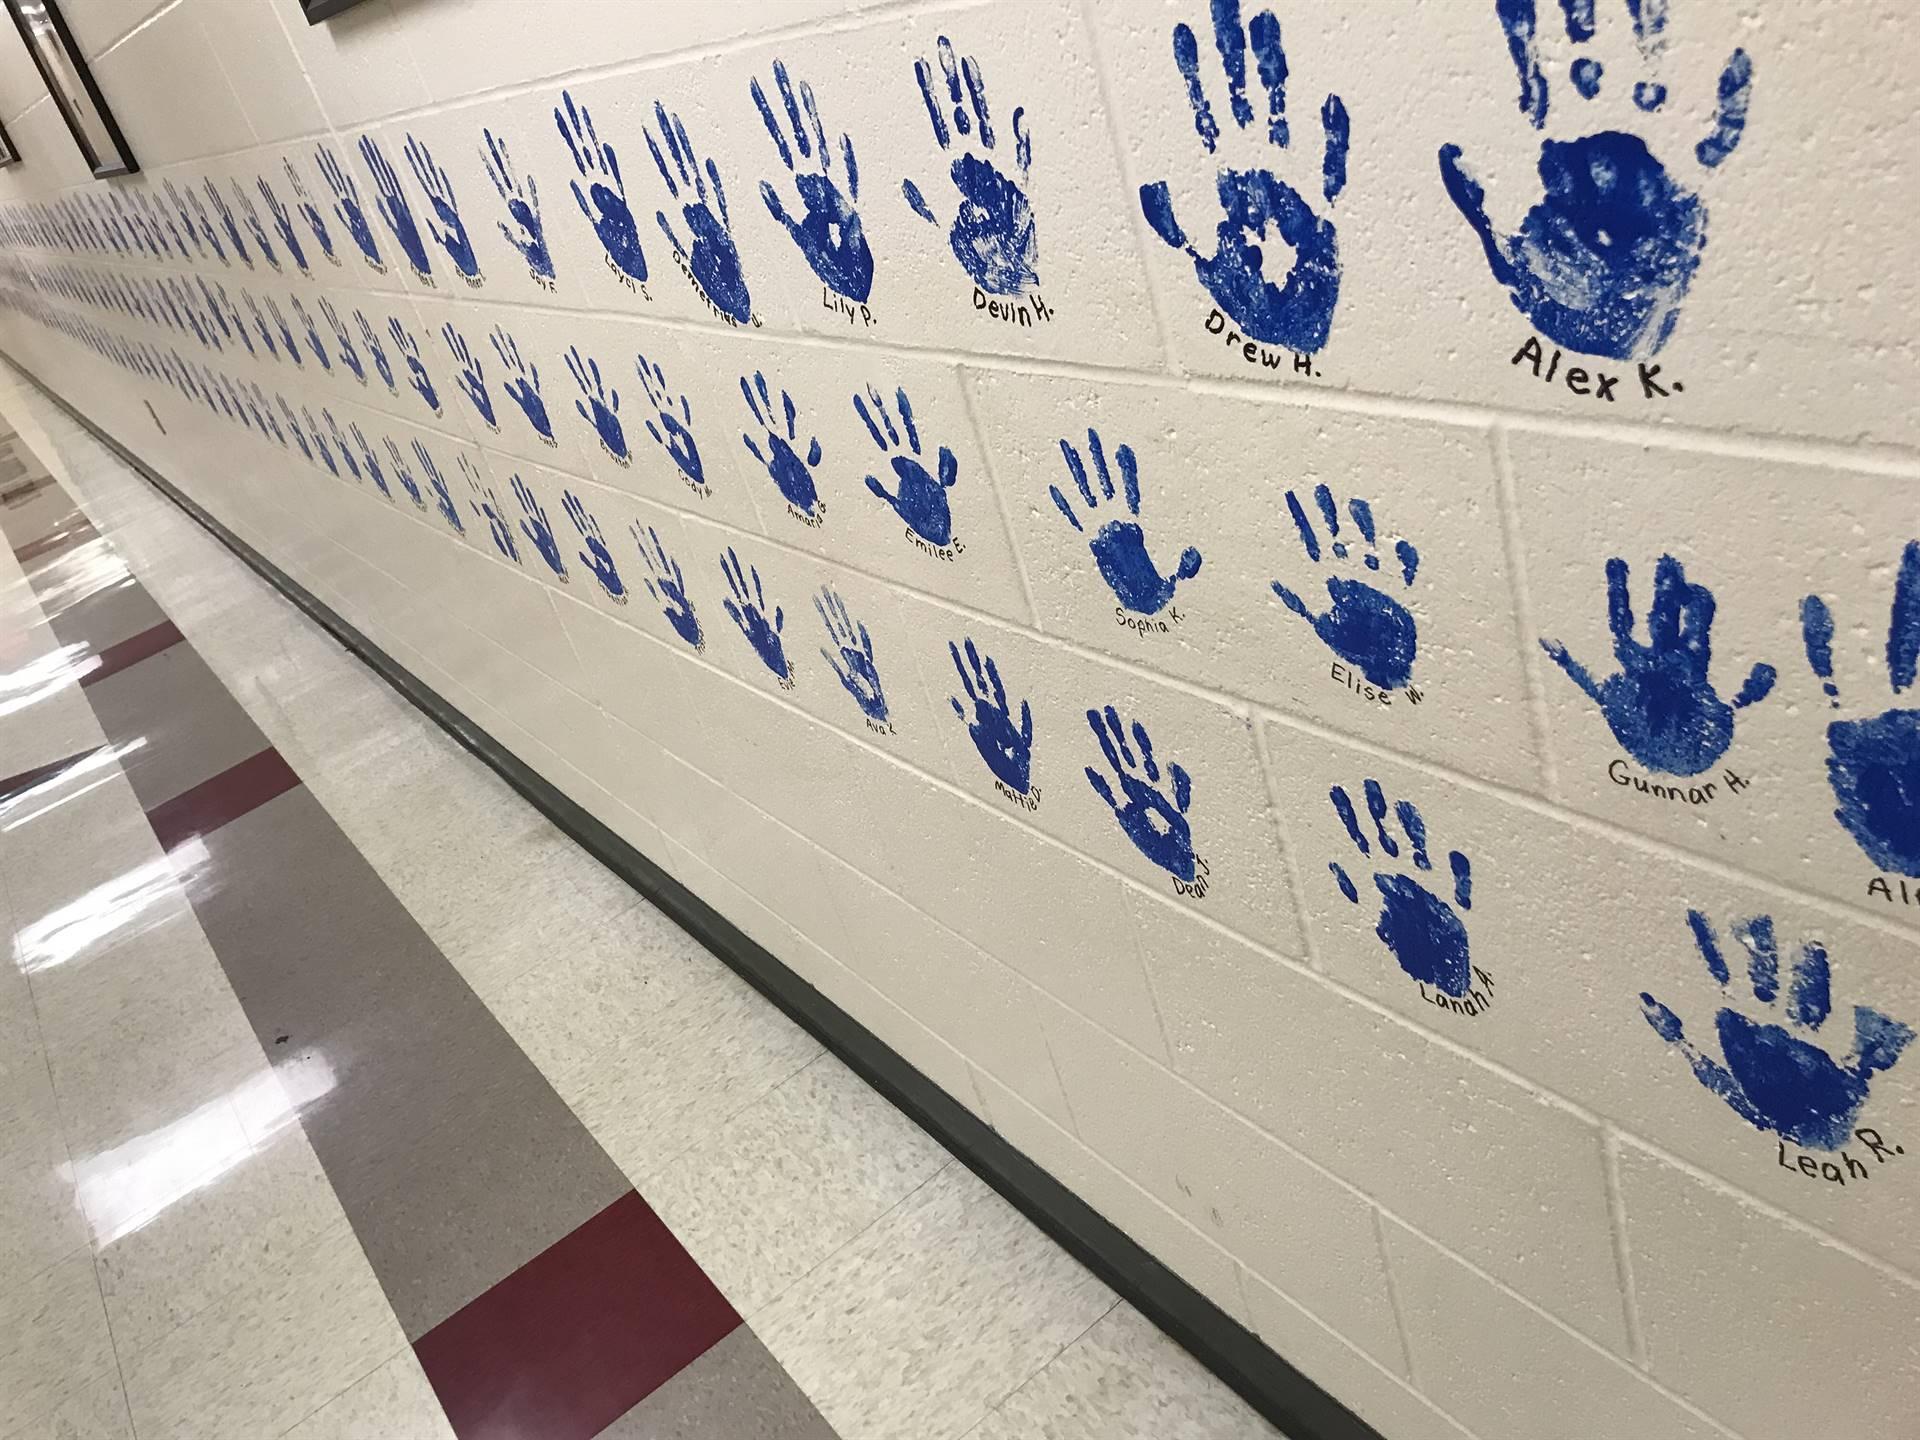 Hands in the hallway.